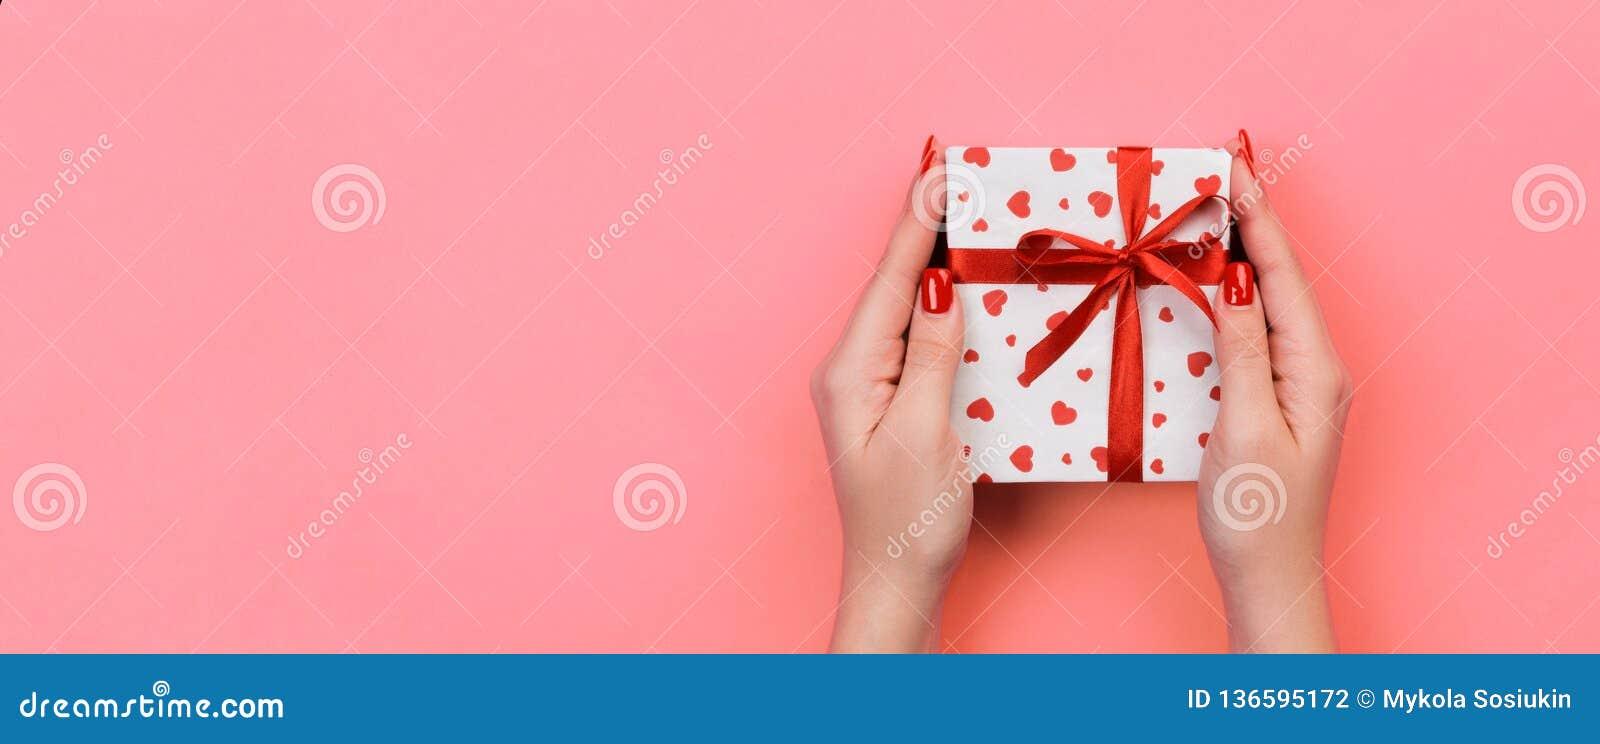 Руки женщины дают Валентайн или другой настоящий момент праздника handmade в бумаге с красной лентой Присутствующая коробка, крас